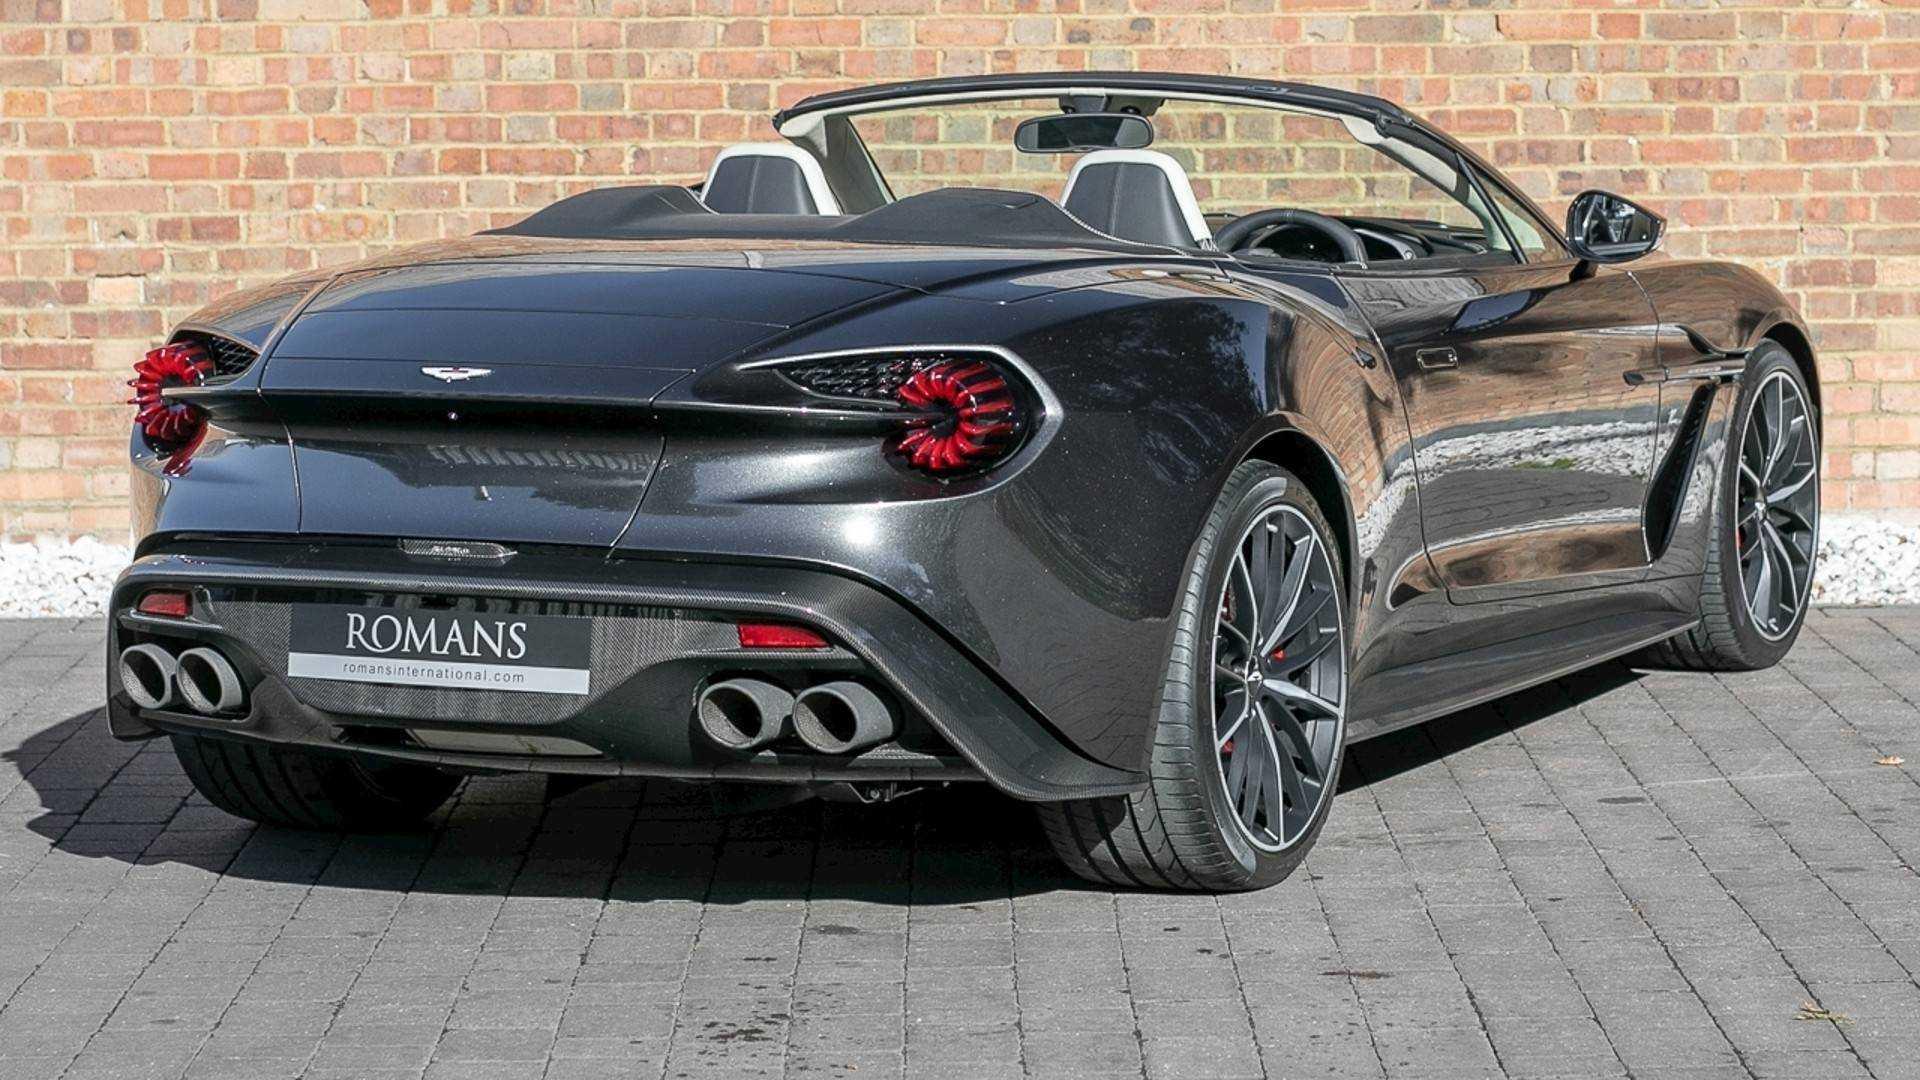 A La Venta Un Aston Martin Vanquish Zagato Volante Una Pieza Codiciada